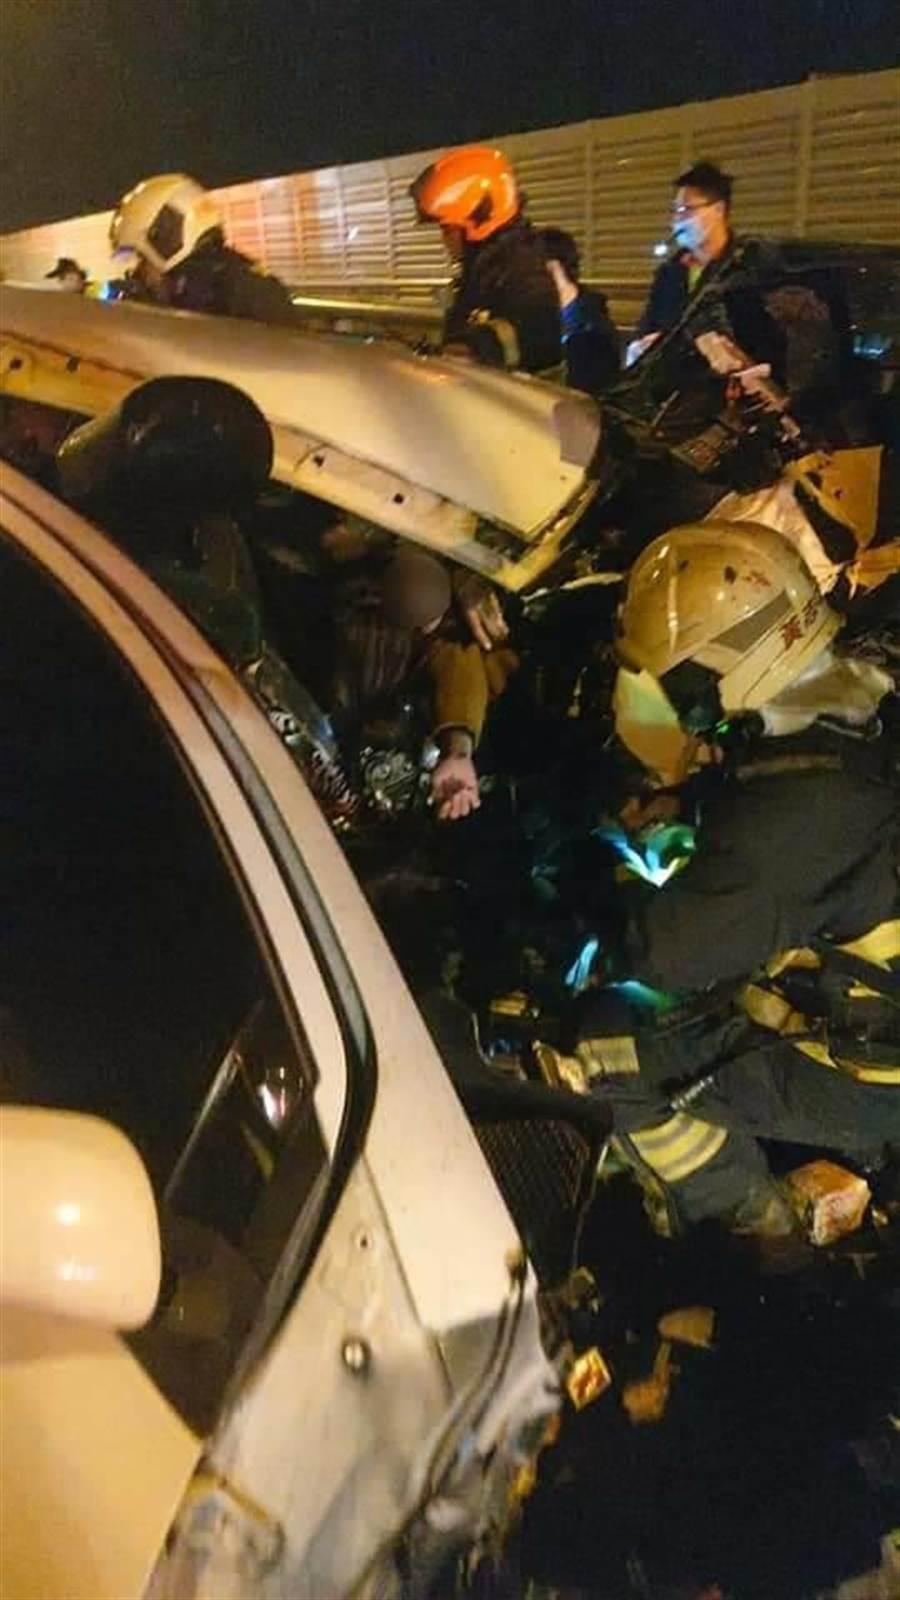 柳姓女子一度受困车内,消防人员将她救出。(清水消防分队提供/陈淑娥台中传真)